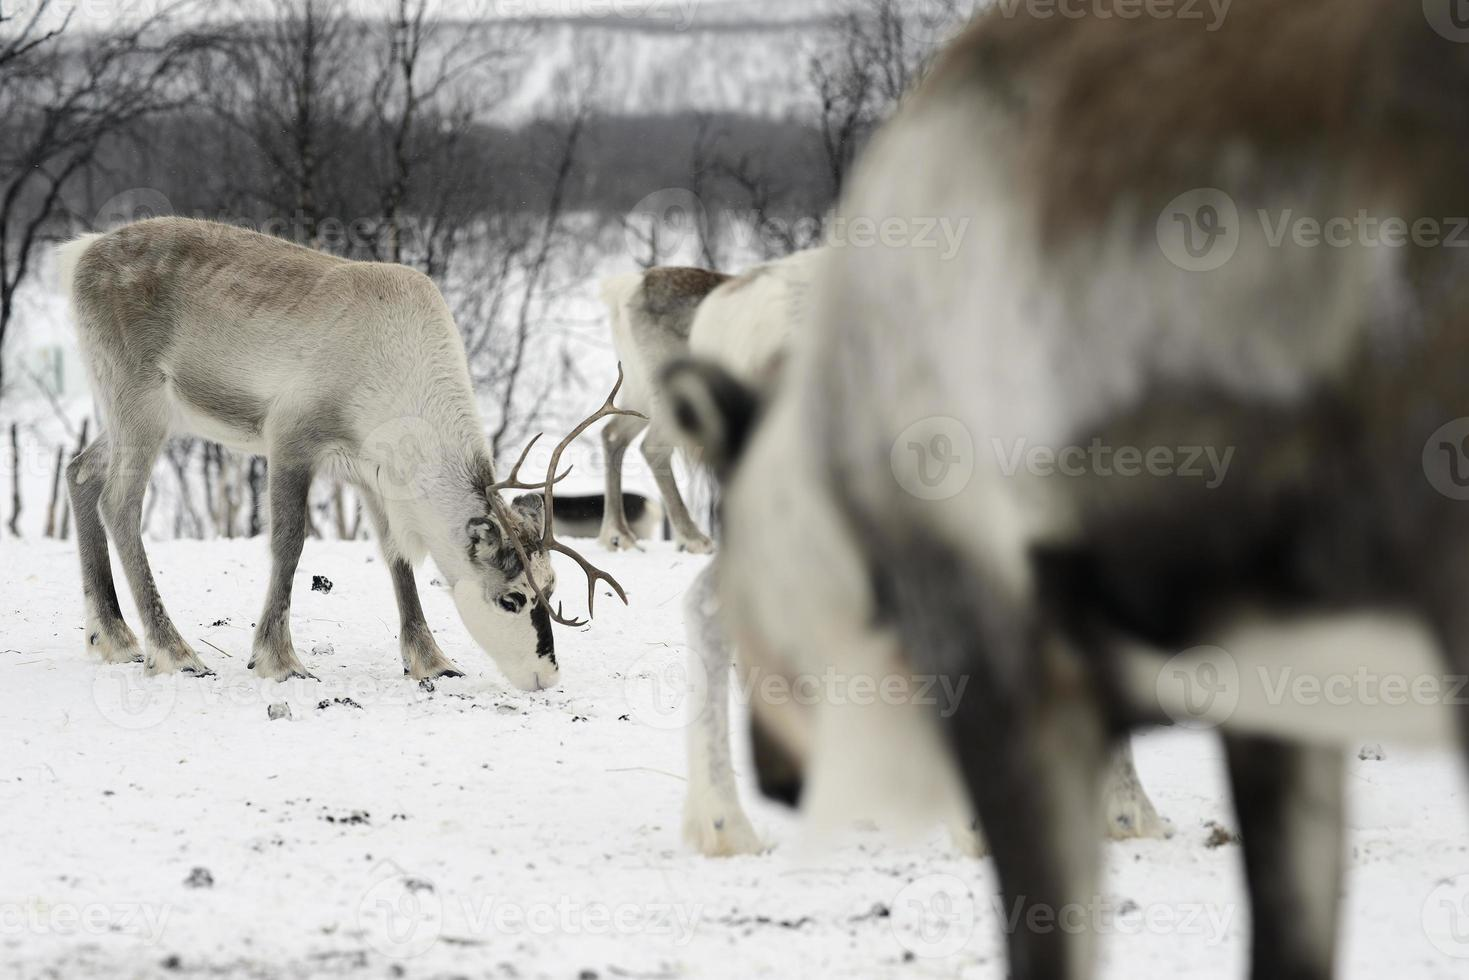 Rentiere im arktischen Norden foto